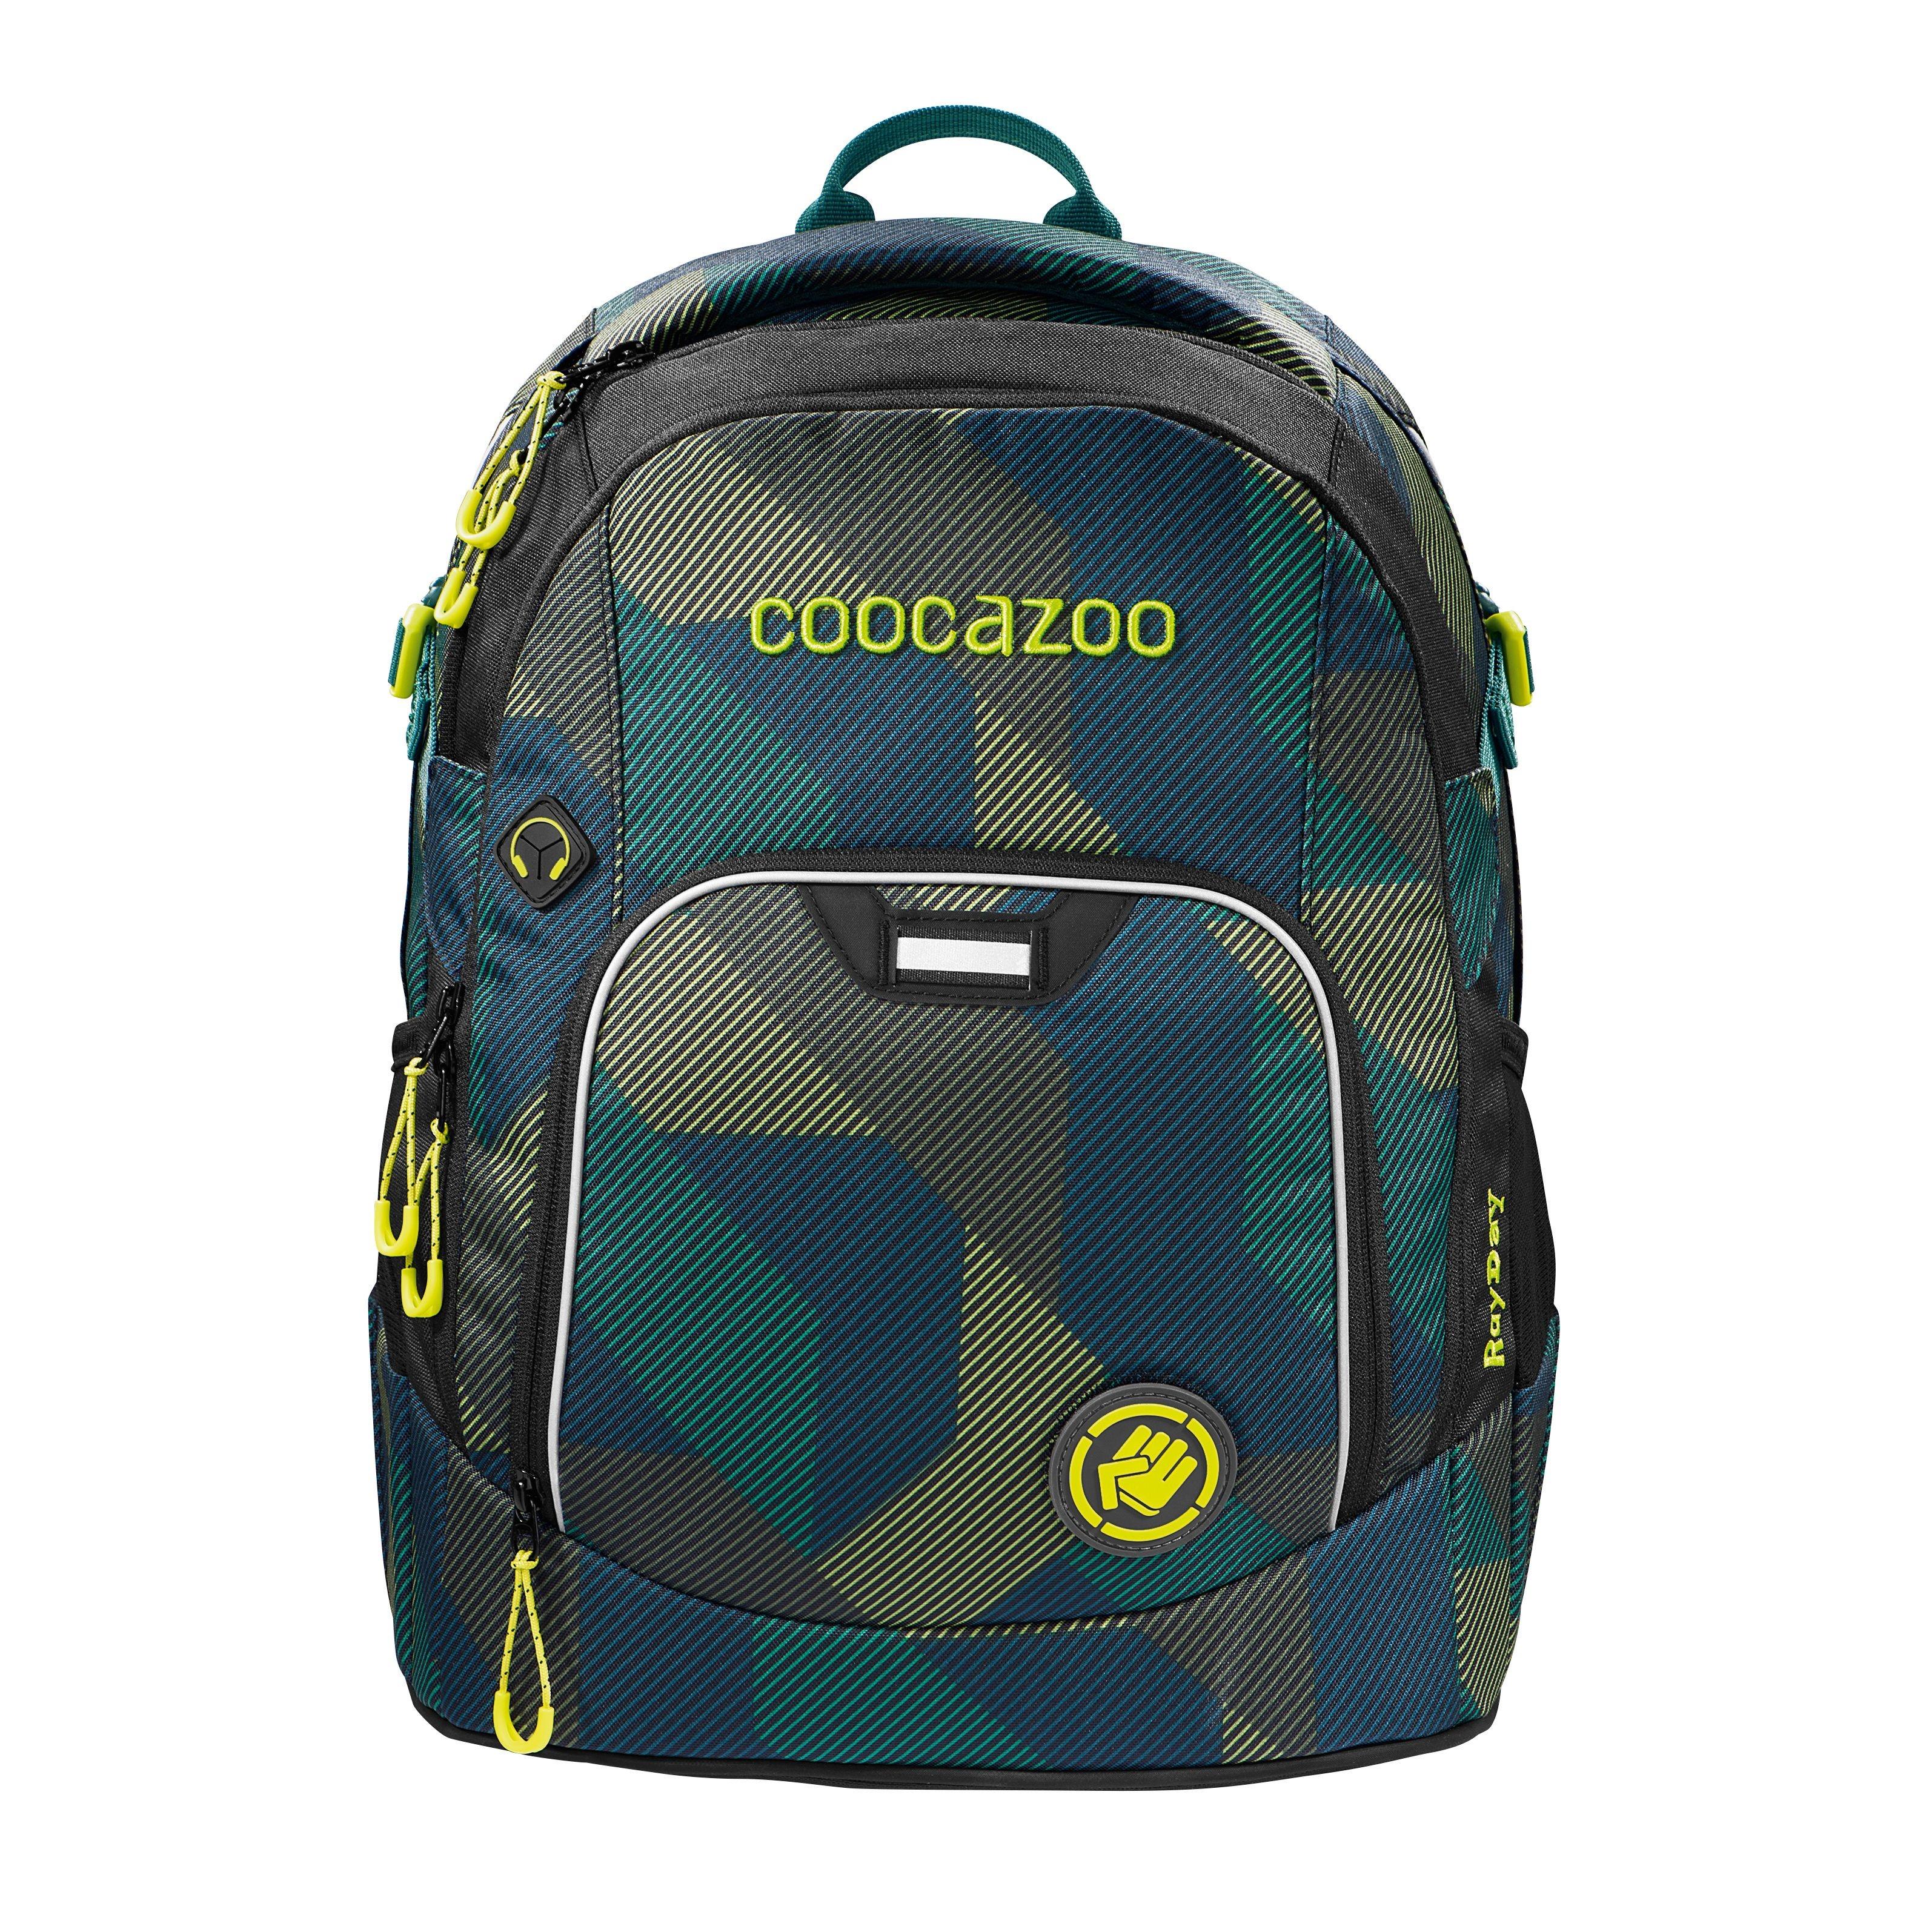 Coocazoo, plecak RayDay, kolor: Polygon Bricks, system MatchPatch (99183777)